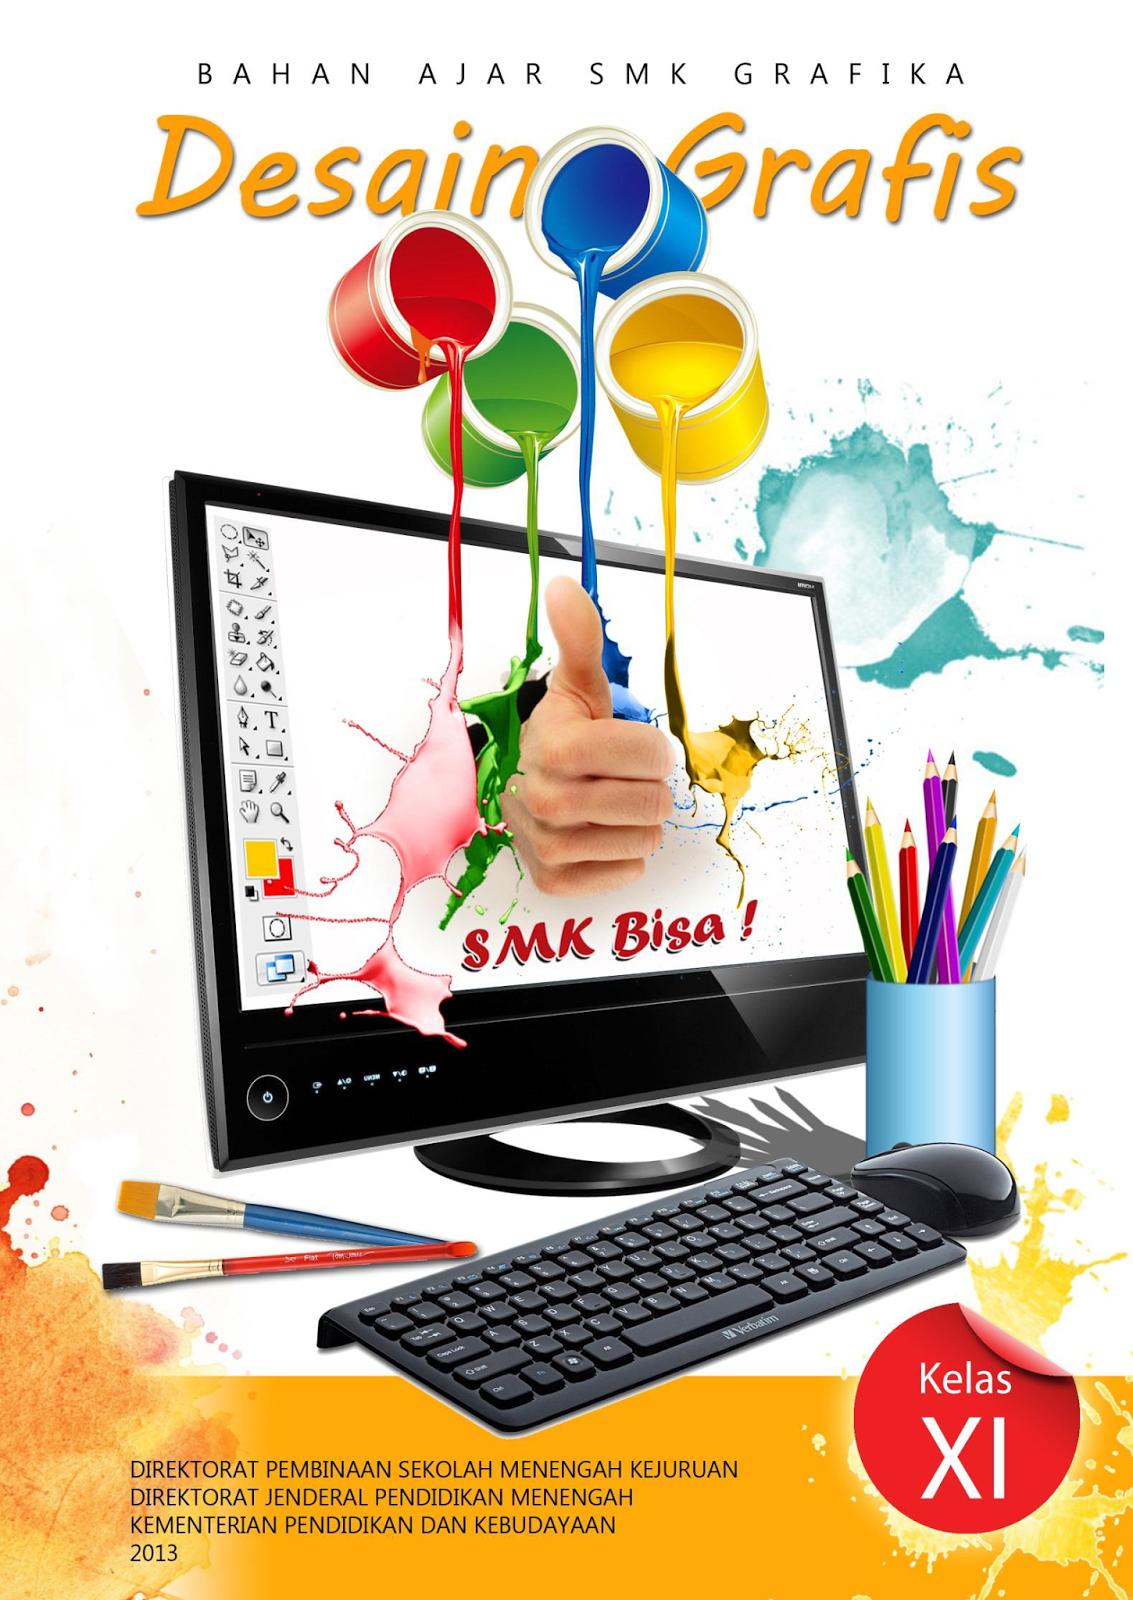 580 Koleksi Gambar Dasar Desain Grafis X Tkj HD Yang Bisa Anda Tiru